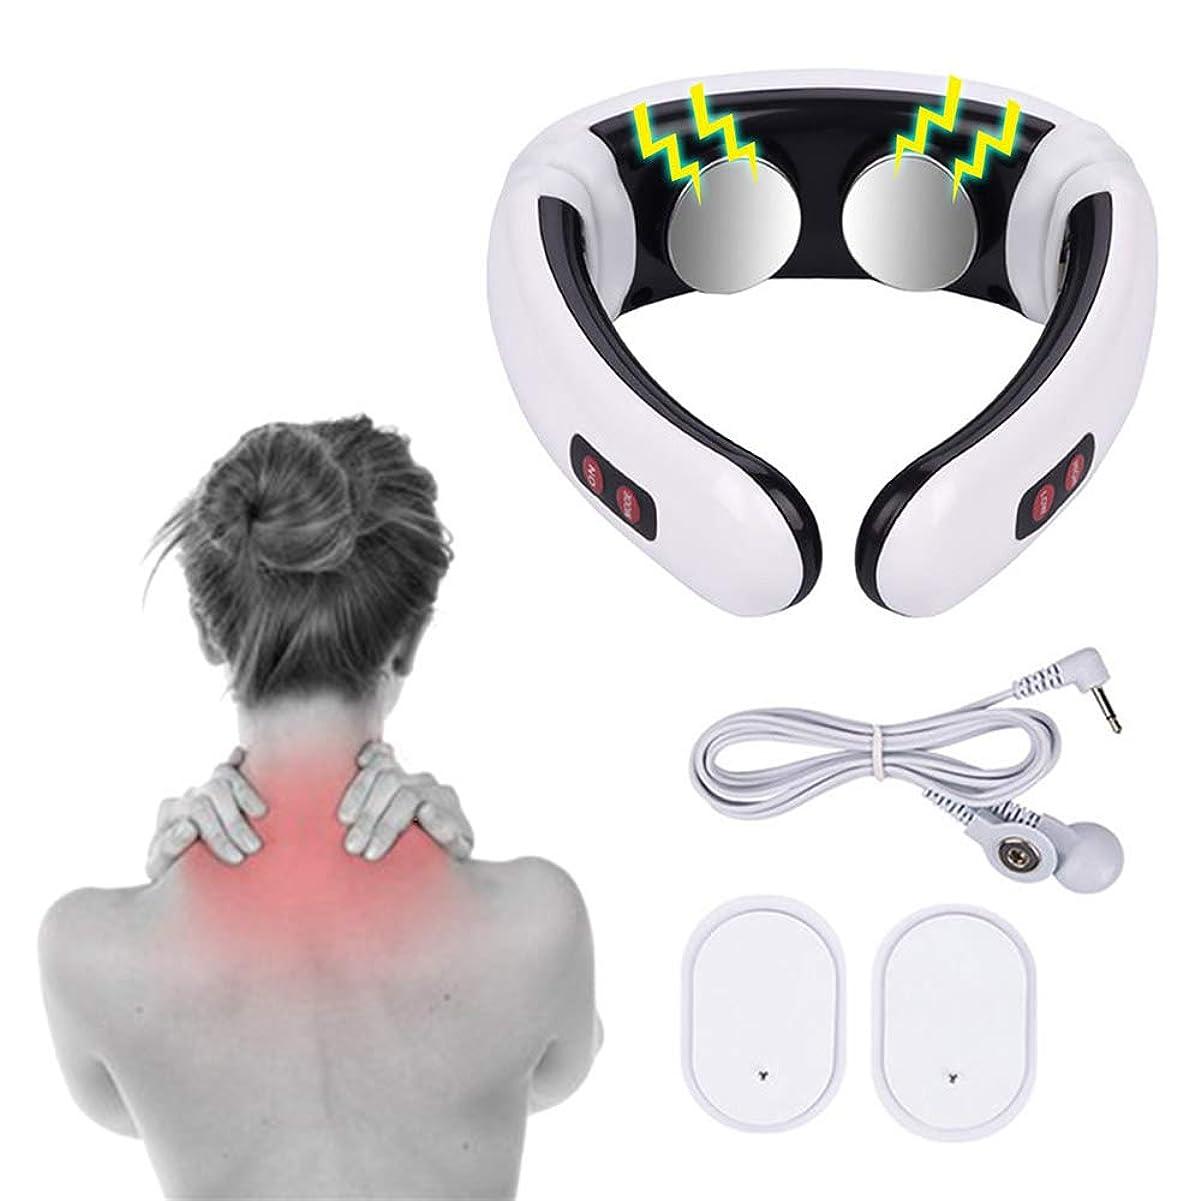 浸した加速する案件指圧首と肩のマッサージディープティッシュ混練マッサージ - 多機能電気パルスバックと首のマッサージ - 痛みを軽減し、健康管理ツール